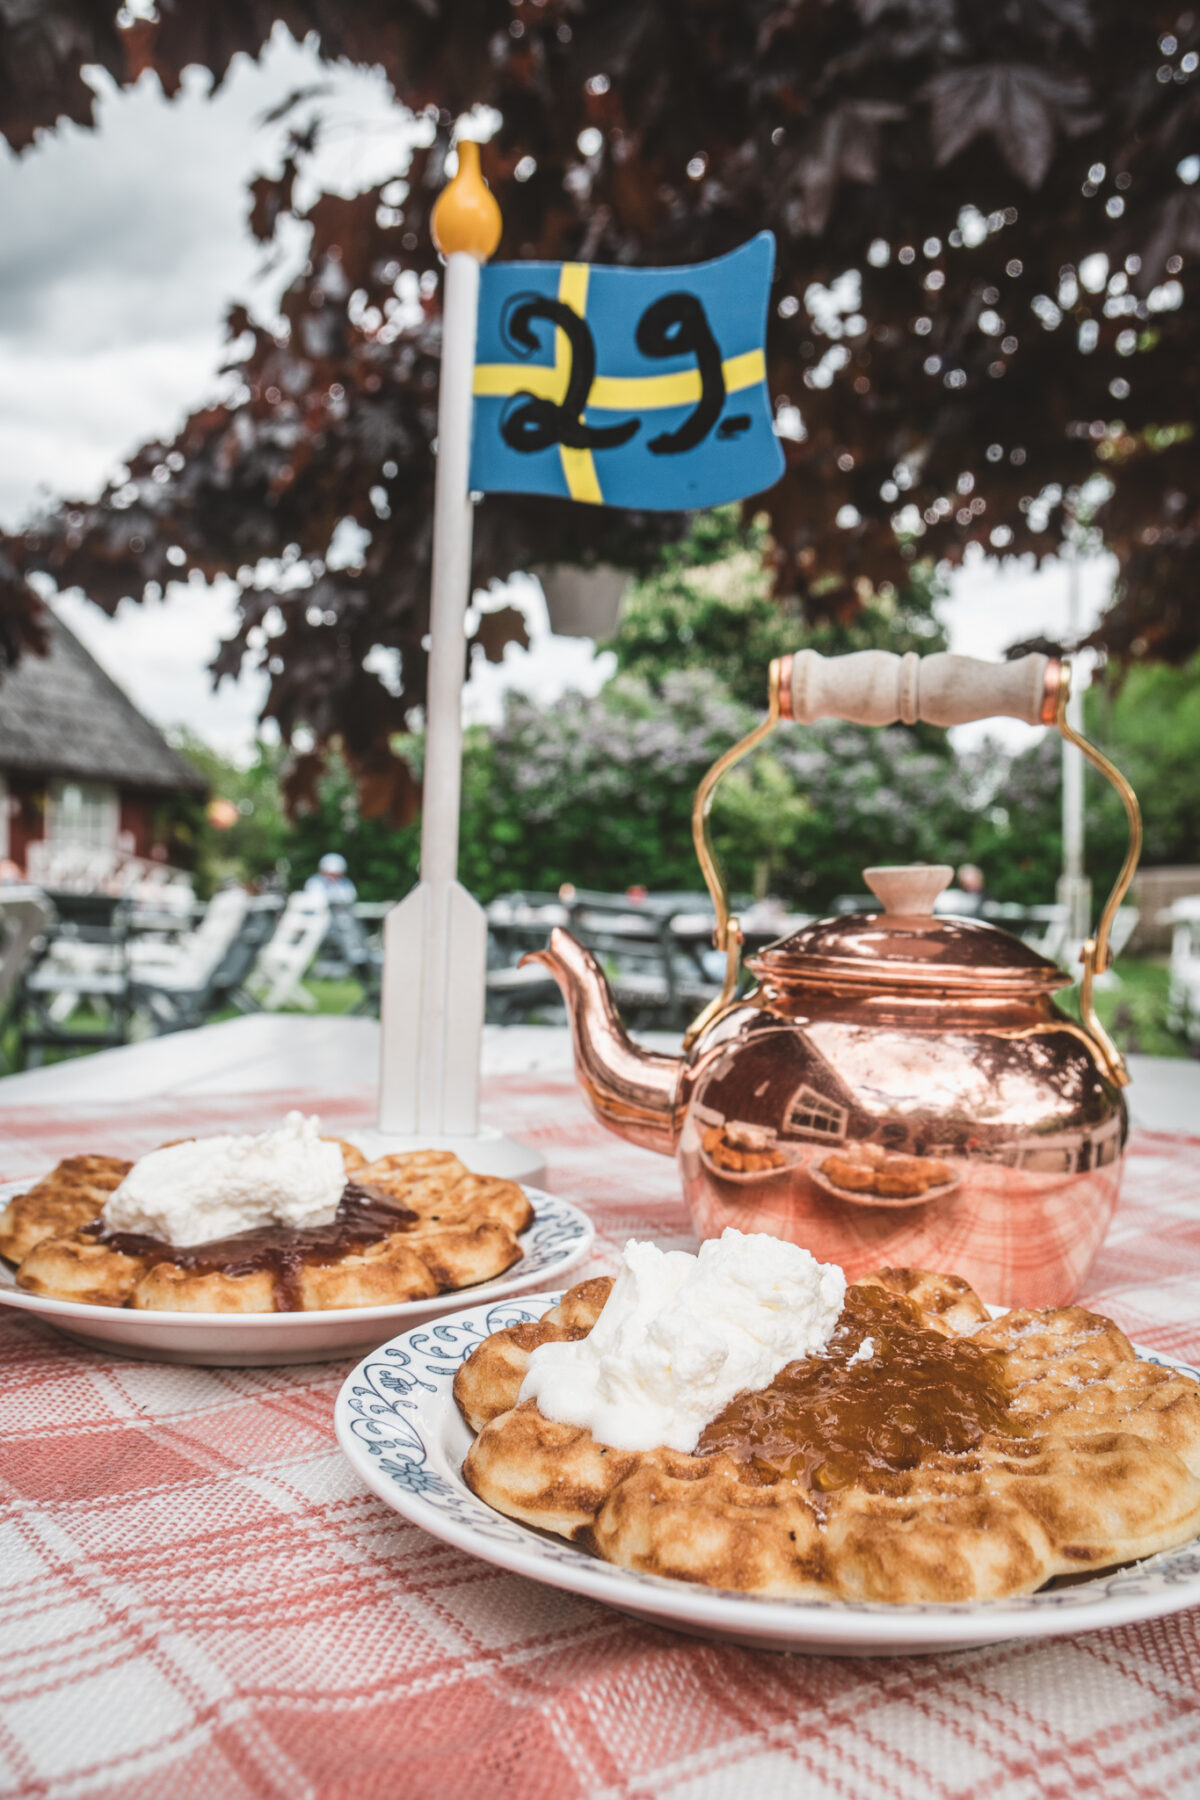 söderåsen Skåne